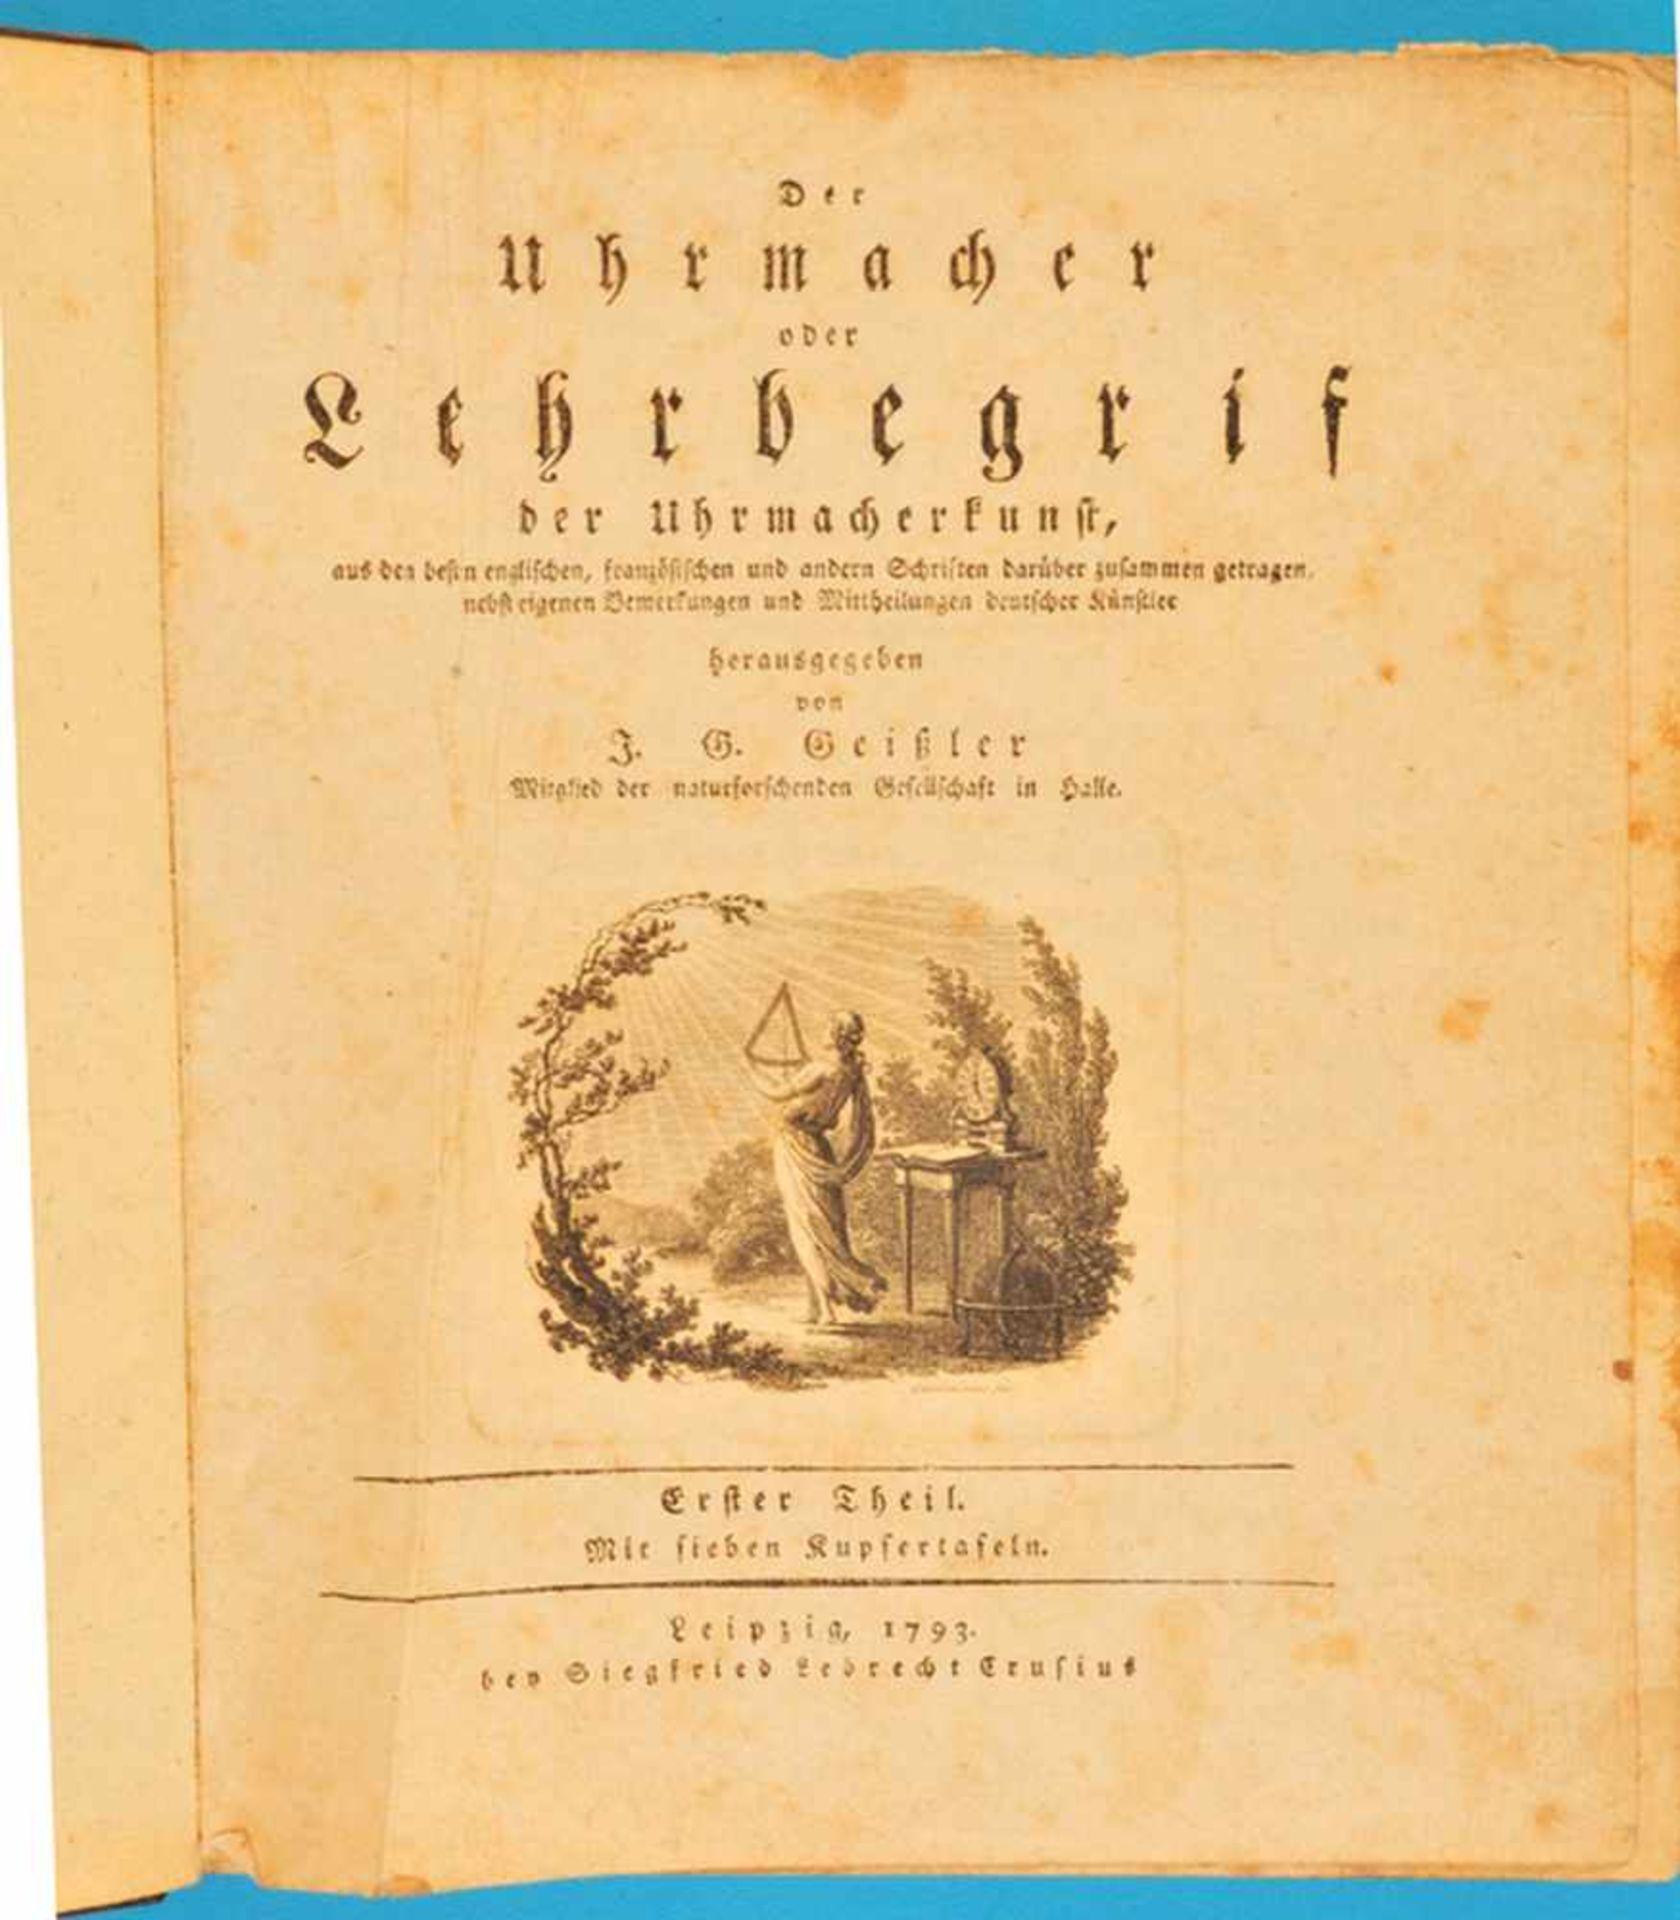 Los 2 - J.G.Geißler, Der Uhrmacher – oder Lehrbegriff der Uhrmacherkunst, Erster Theil + Zweiter TheilJ.G.